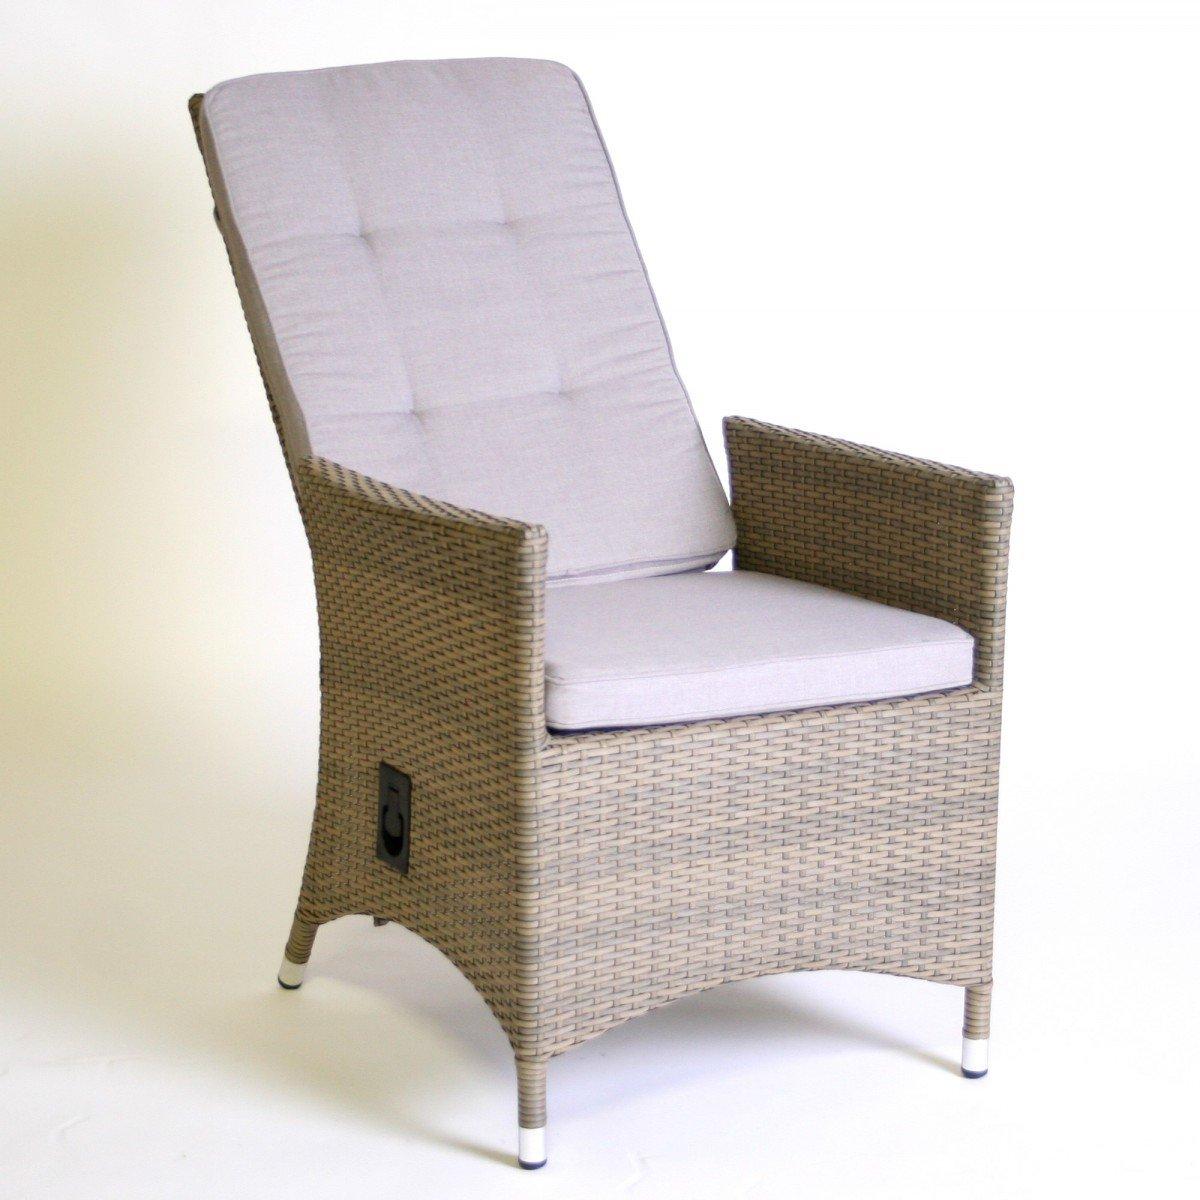 Hochlehner 'Relax' inkl. Polster Gartenstuhl Gartensessel Rattan braun-beige Liegestuhl , Farbe:Beige